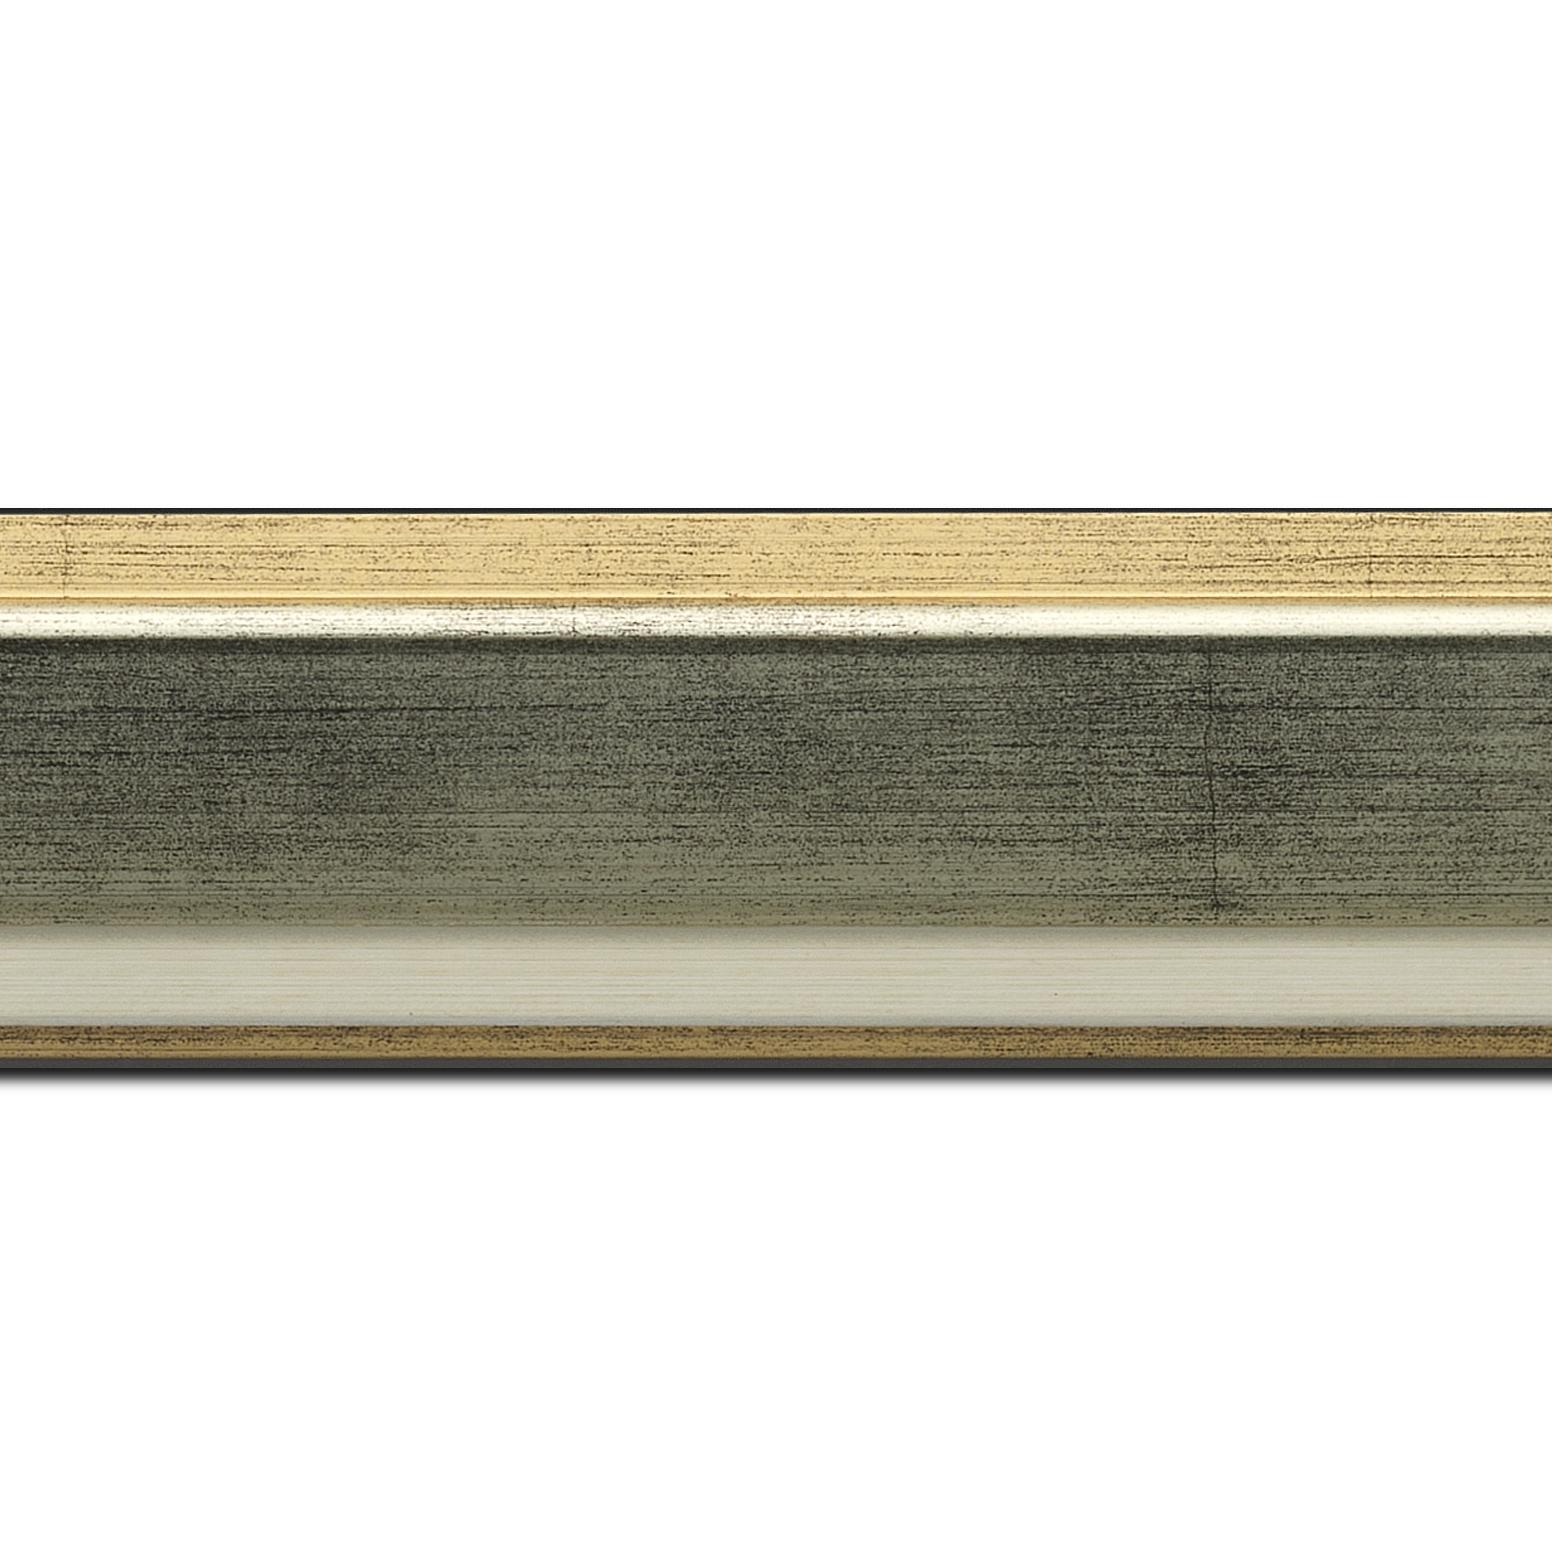 Baguette longueur 1.40m bois profil incliné largeur 5.4cm argent extérieur or marie louise crème filet or intégrée